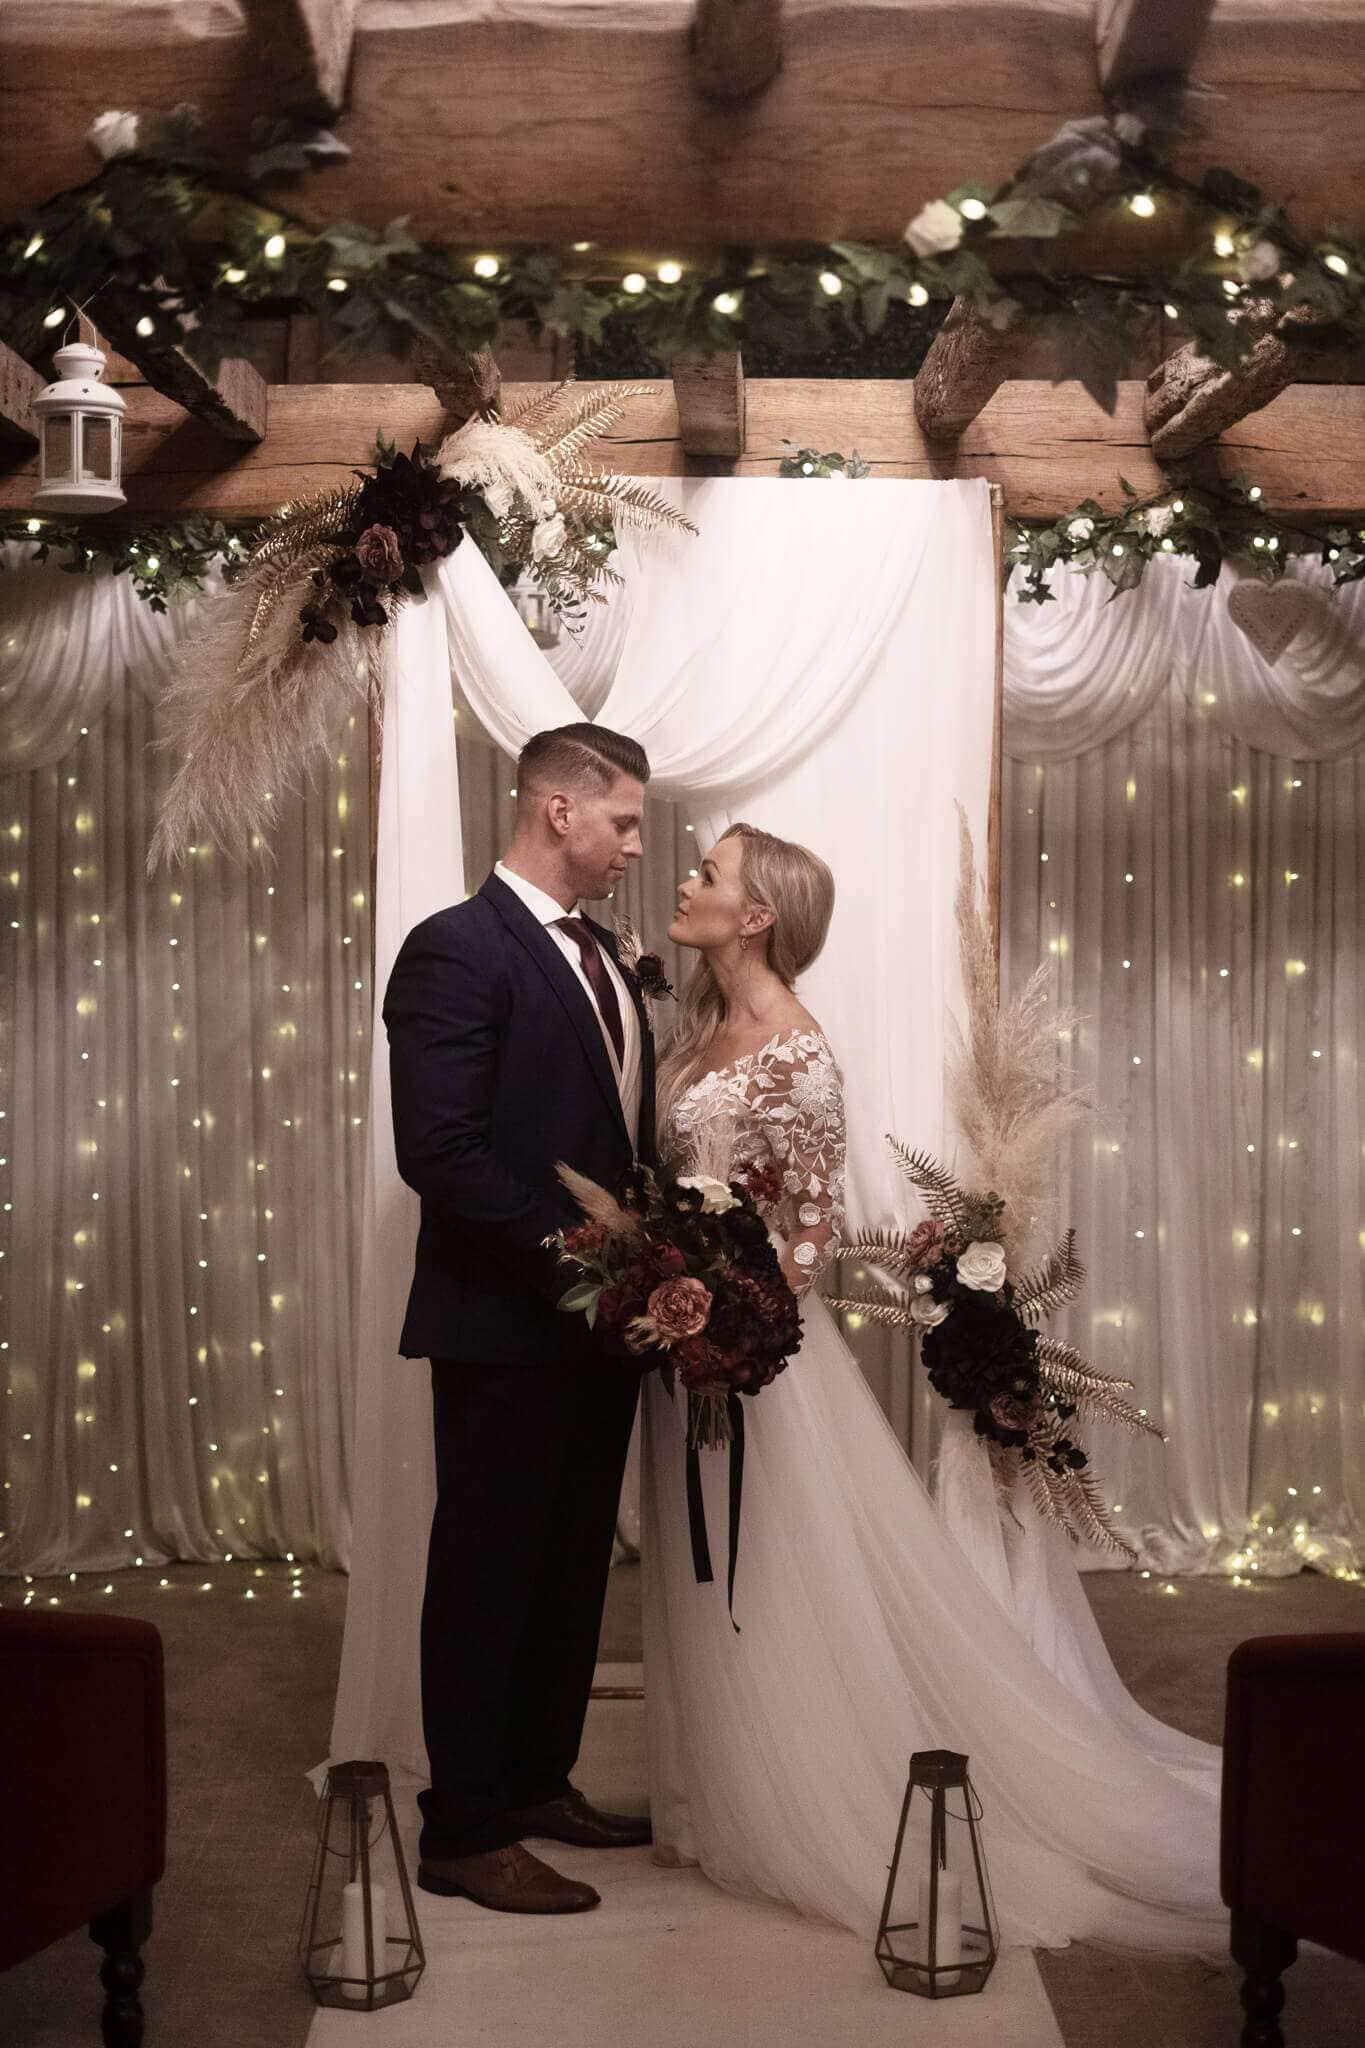 lace wedding dress boho wedding dress wedding dress shop near me bridal shop near me 4 5